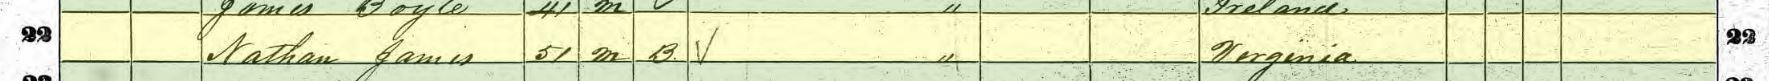 Nathan-James-1861